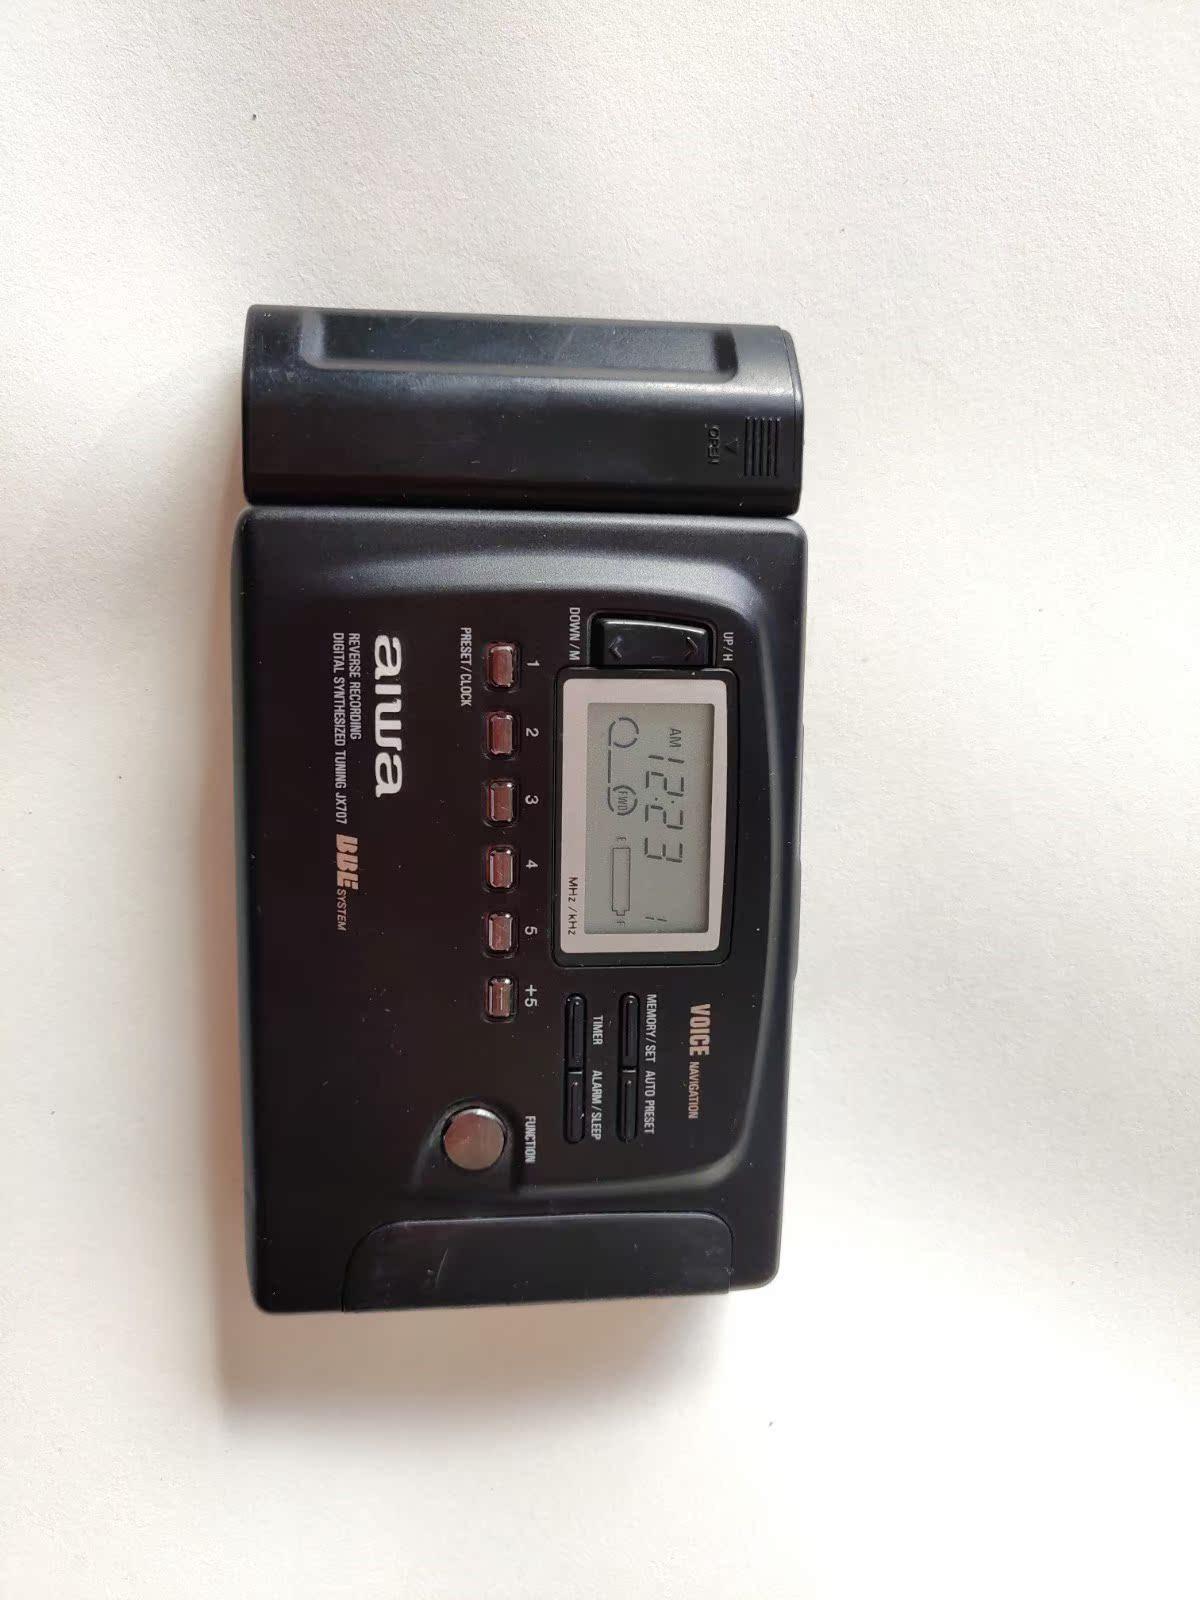 好用高端磁带机JX707磁带和收音机都爱华,